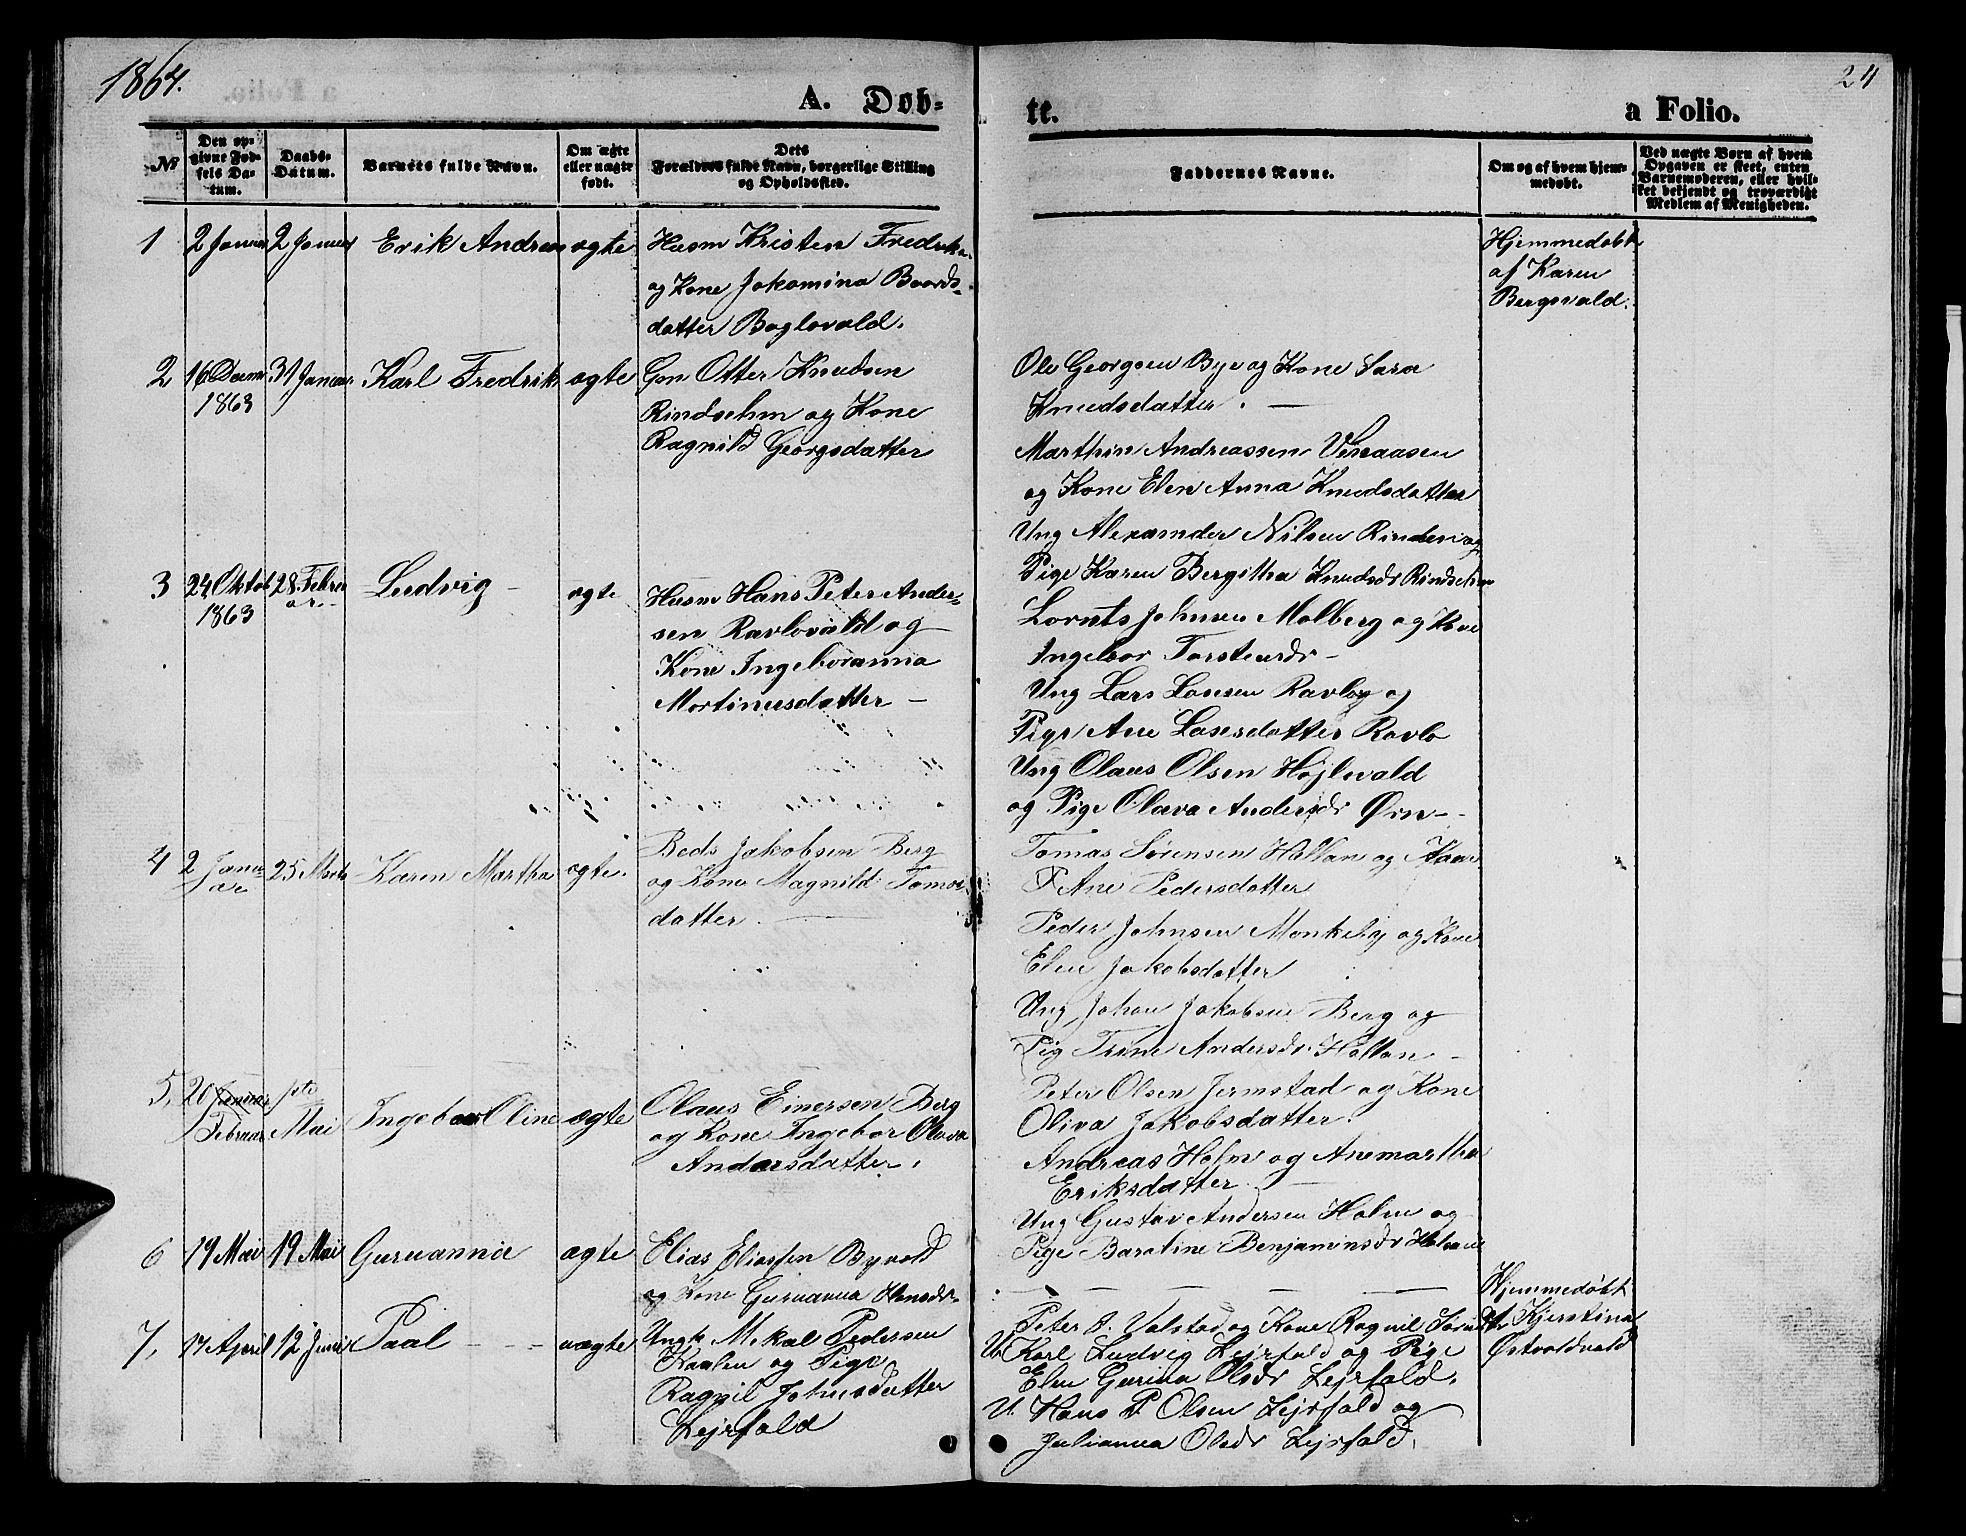 SAT, Ministerialprotokoller, klokkerbøker og fødselsregistre - Nord-Trøndelag, 726/L0270: Klokkerbok nr. 726C01, 1858-1868, s. 24